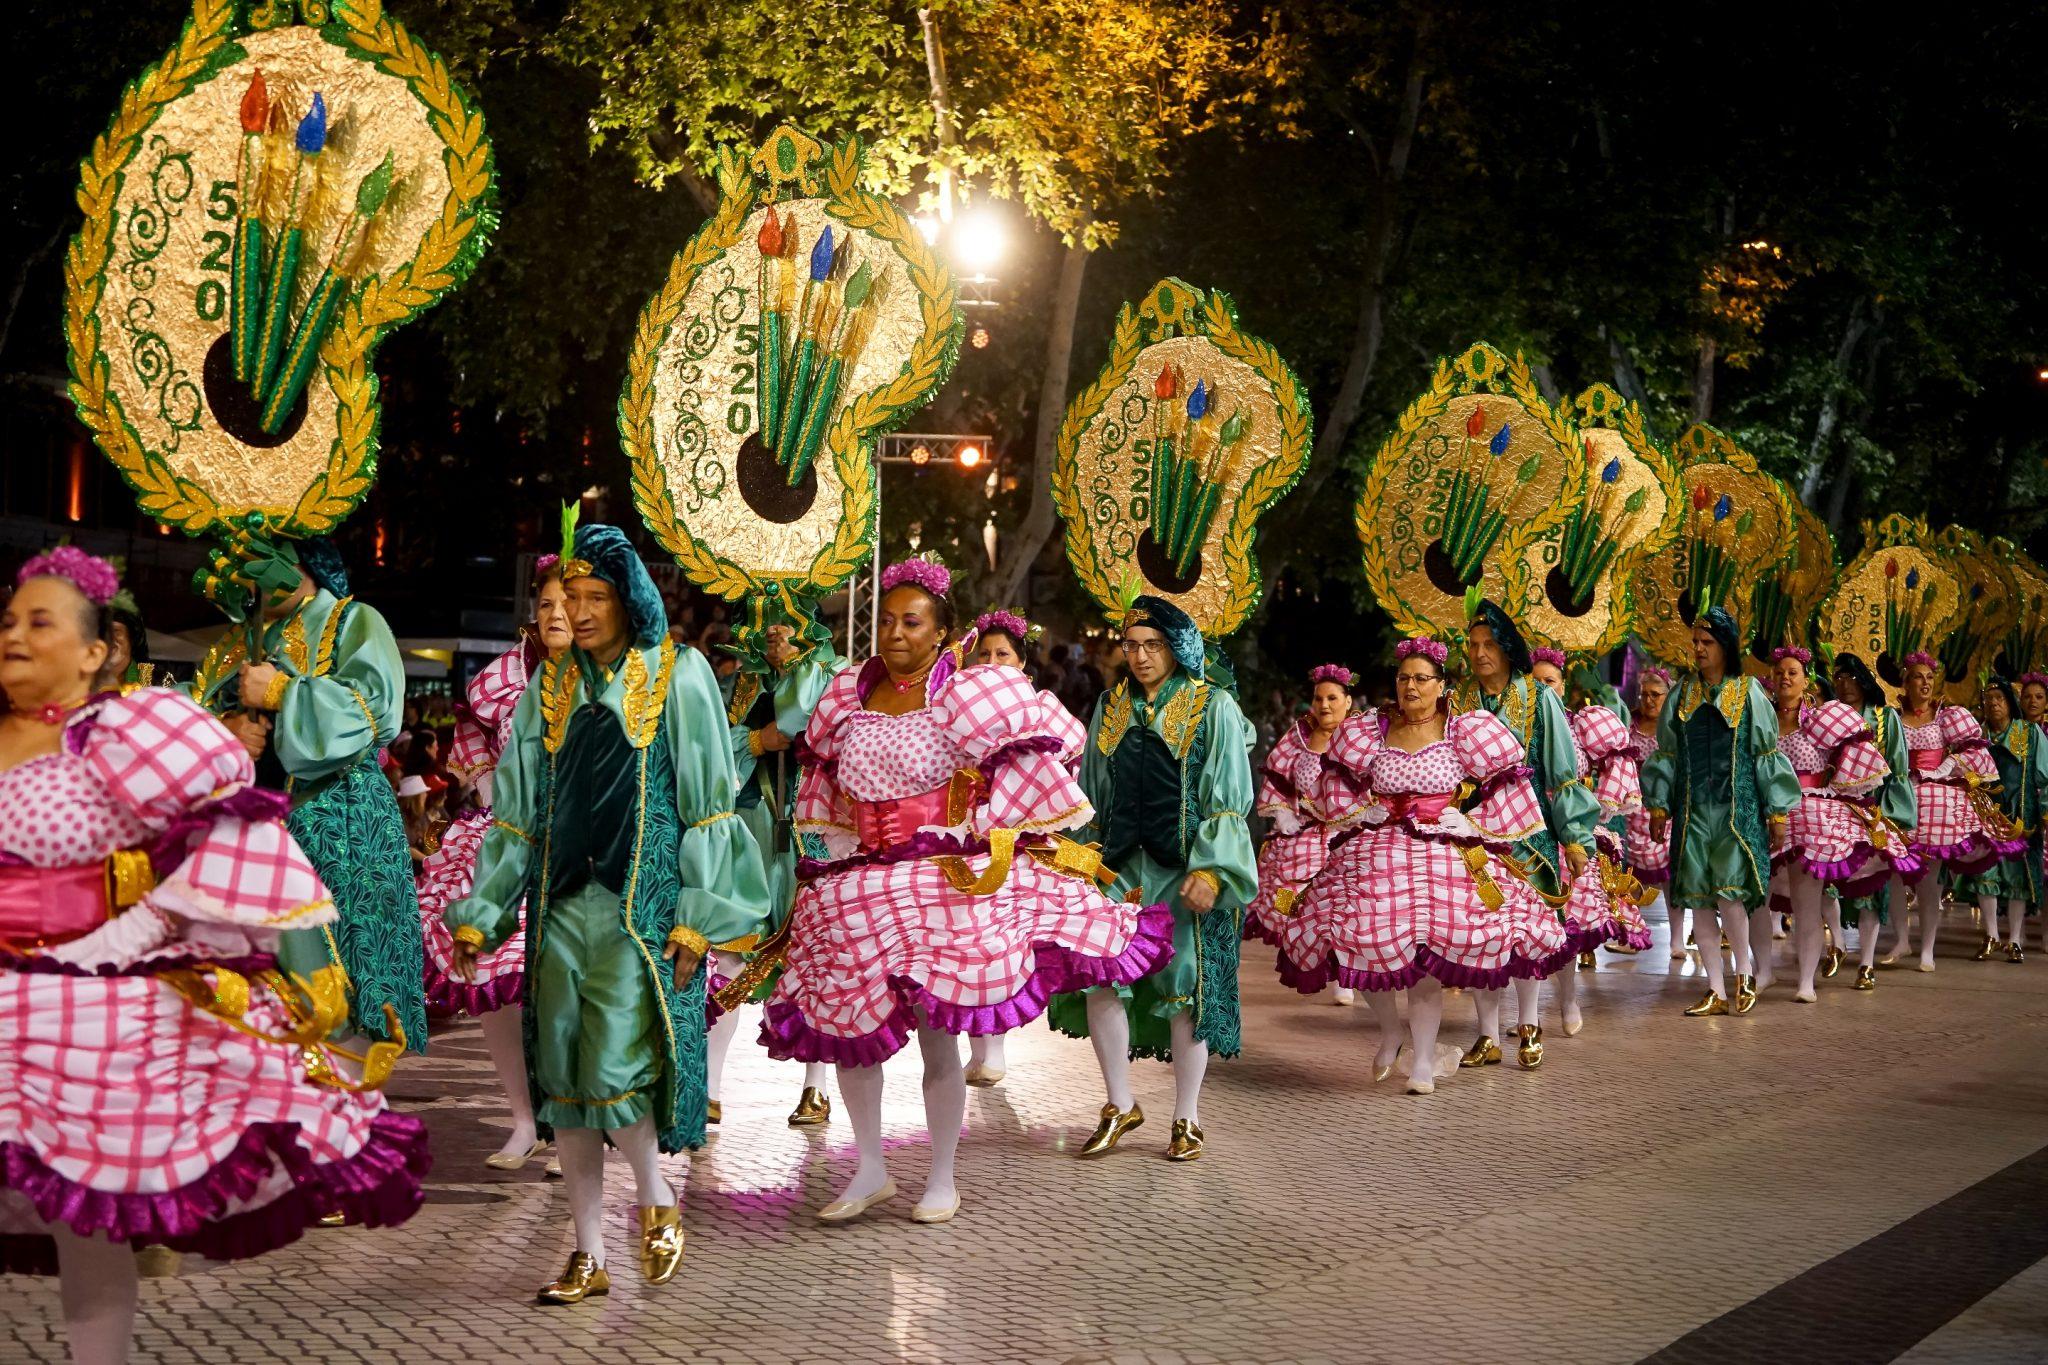 Homens e mulheres (elas com vestidos cor-de-rosa e branco e eles com trajes verdes) desfilam na Avenida da Liberdade. Trazem consigo os arcos que são paletas de pintor em tamanho gigante e de cor dourada.